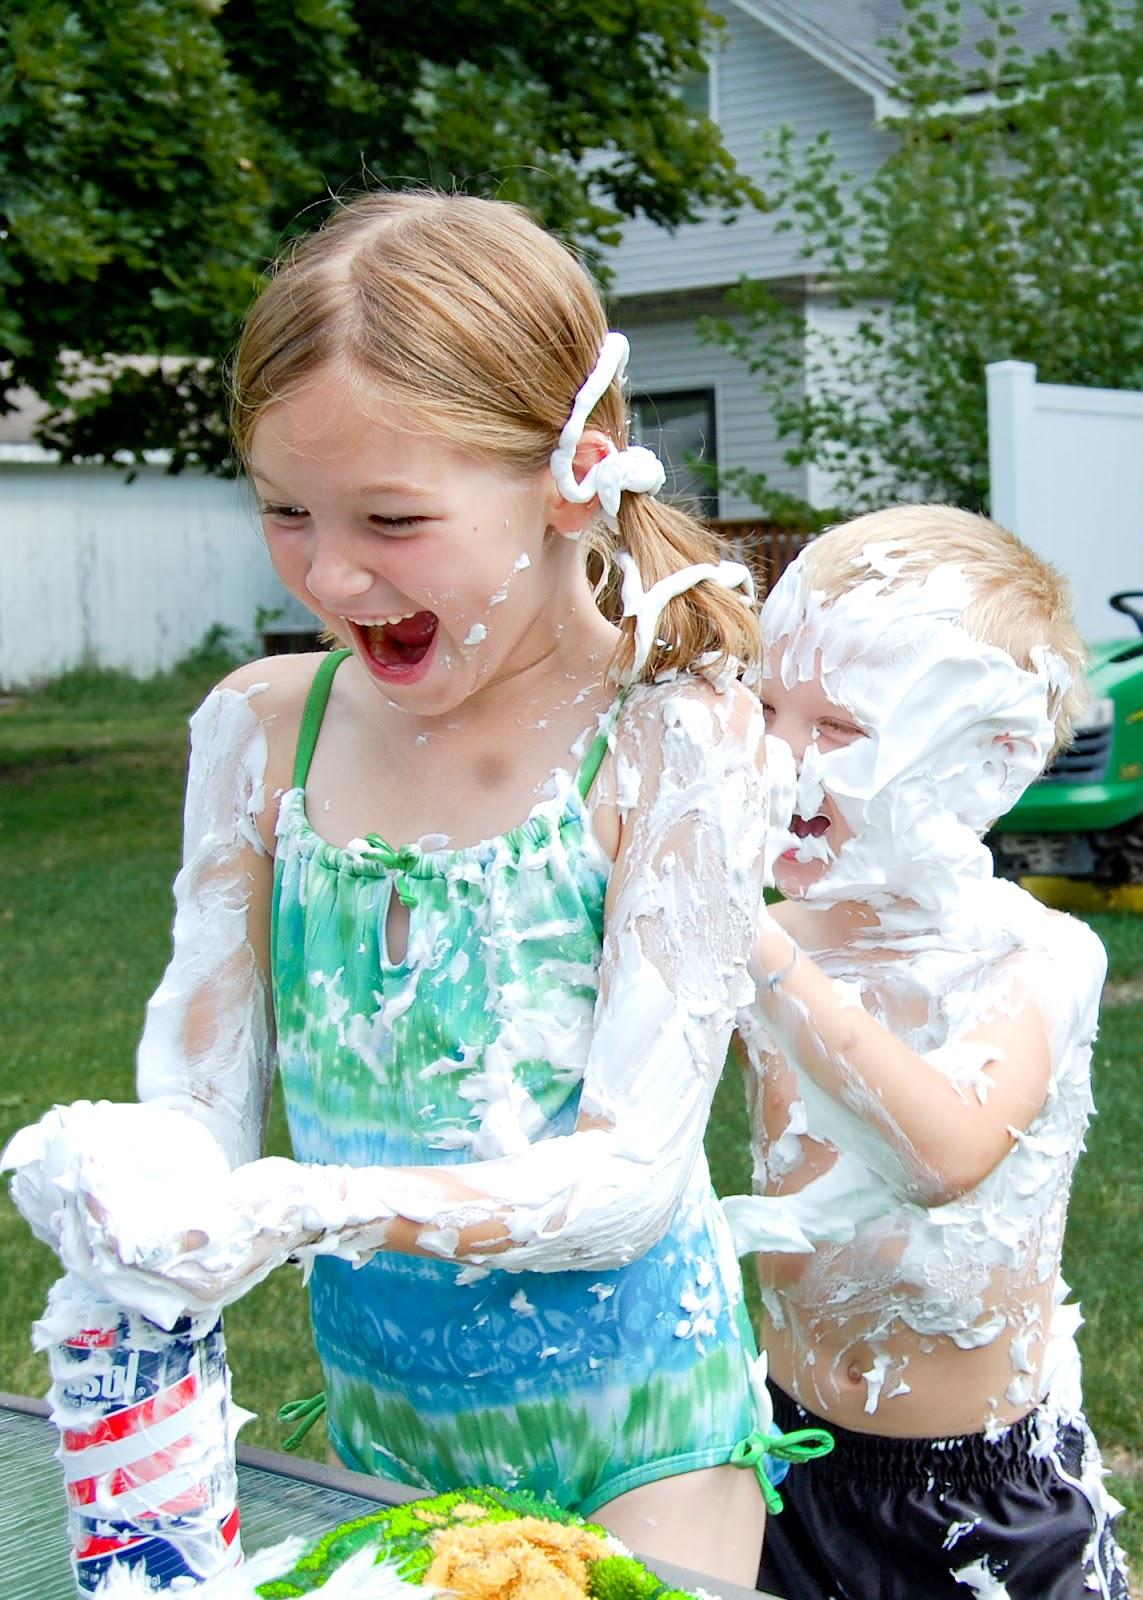 The Burdorf Family Funzone: Four Things